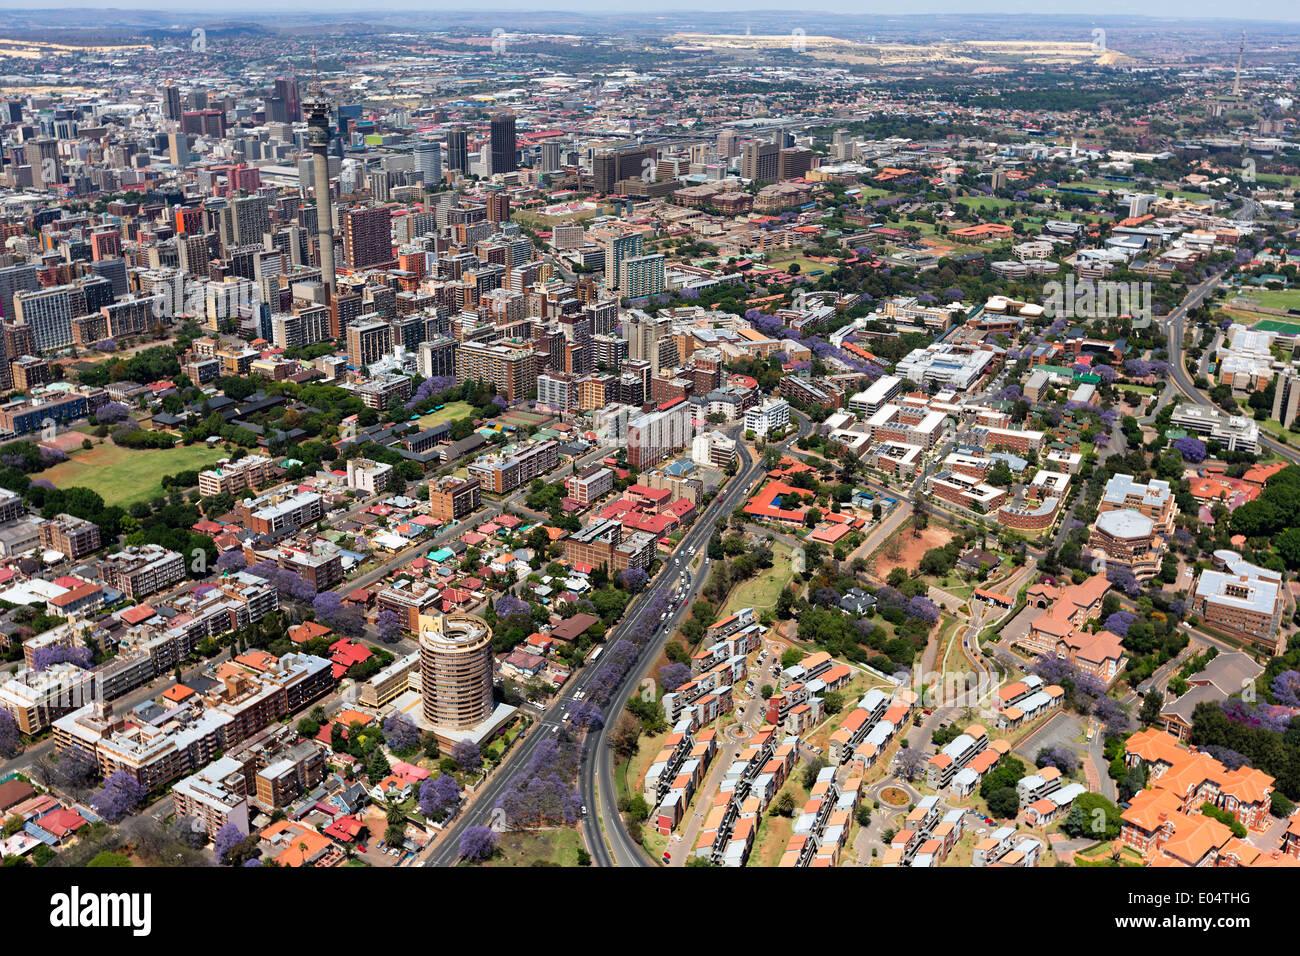 Vue aérienne de la M1 De Villiers Graaff d'autoroute est une autoroute importante à Johannesburg, Afrique du Sud Banque D'Images